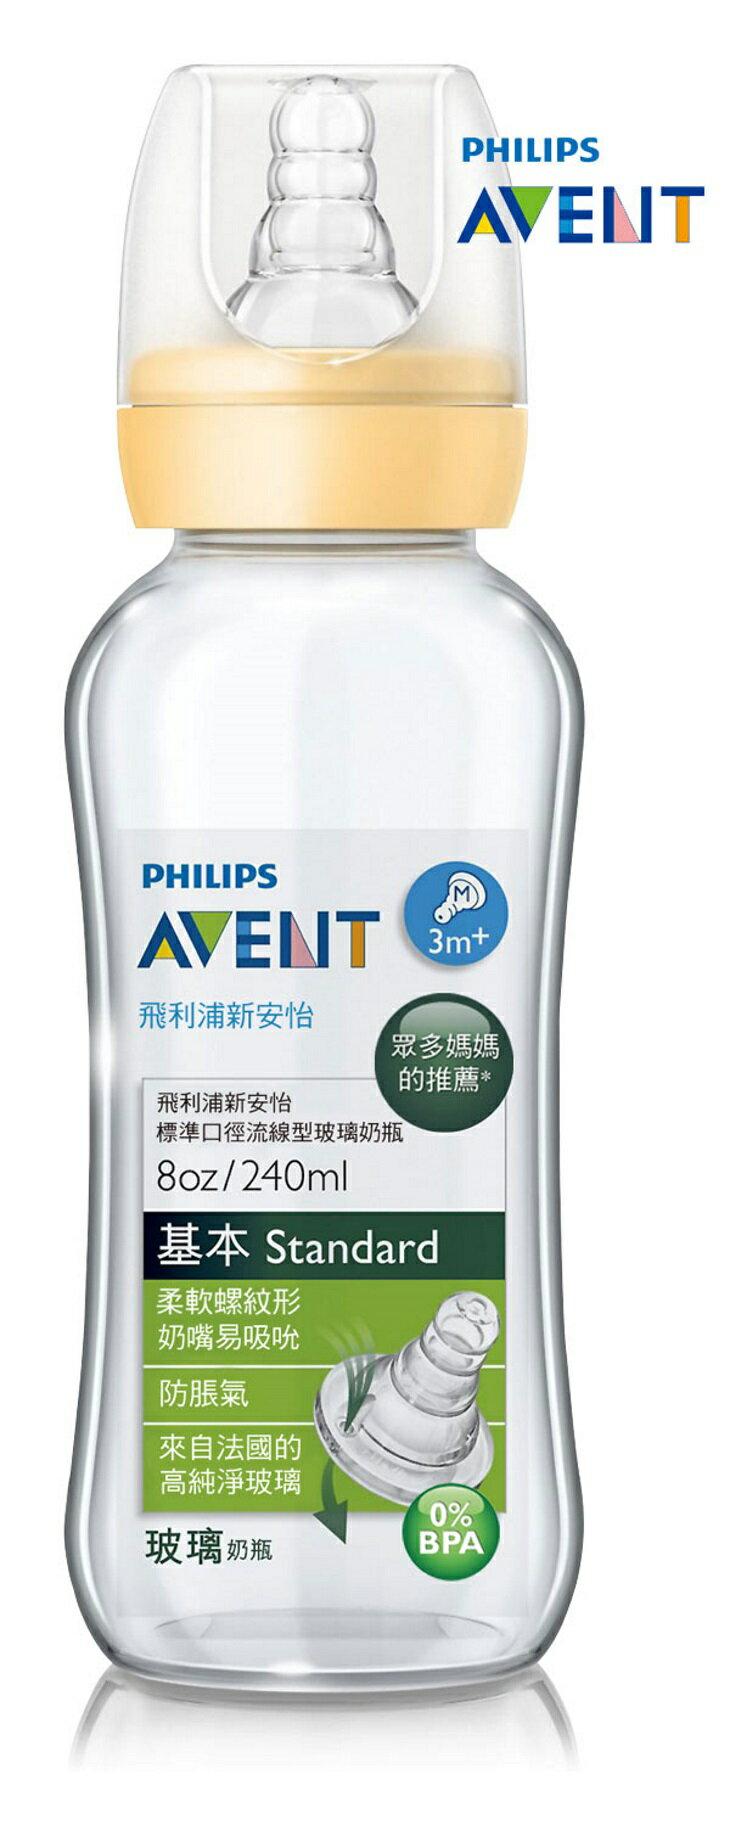 【寶貝樂園】新安怡AVENT標準口徑弧型玻璃奶瓶240ml